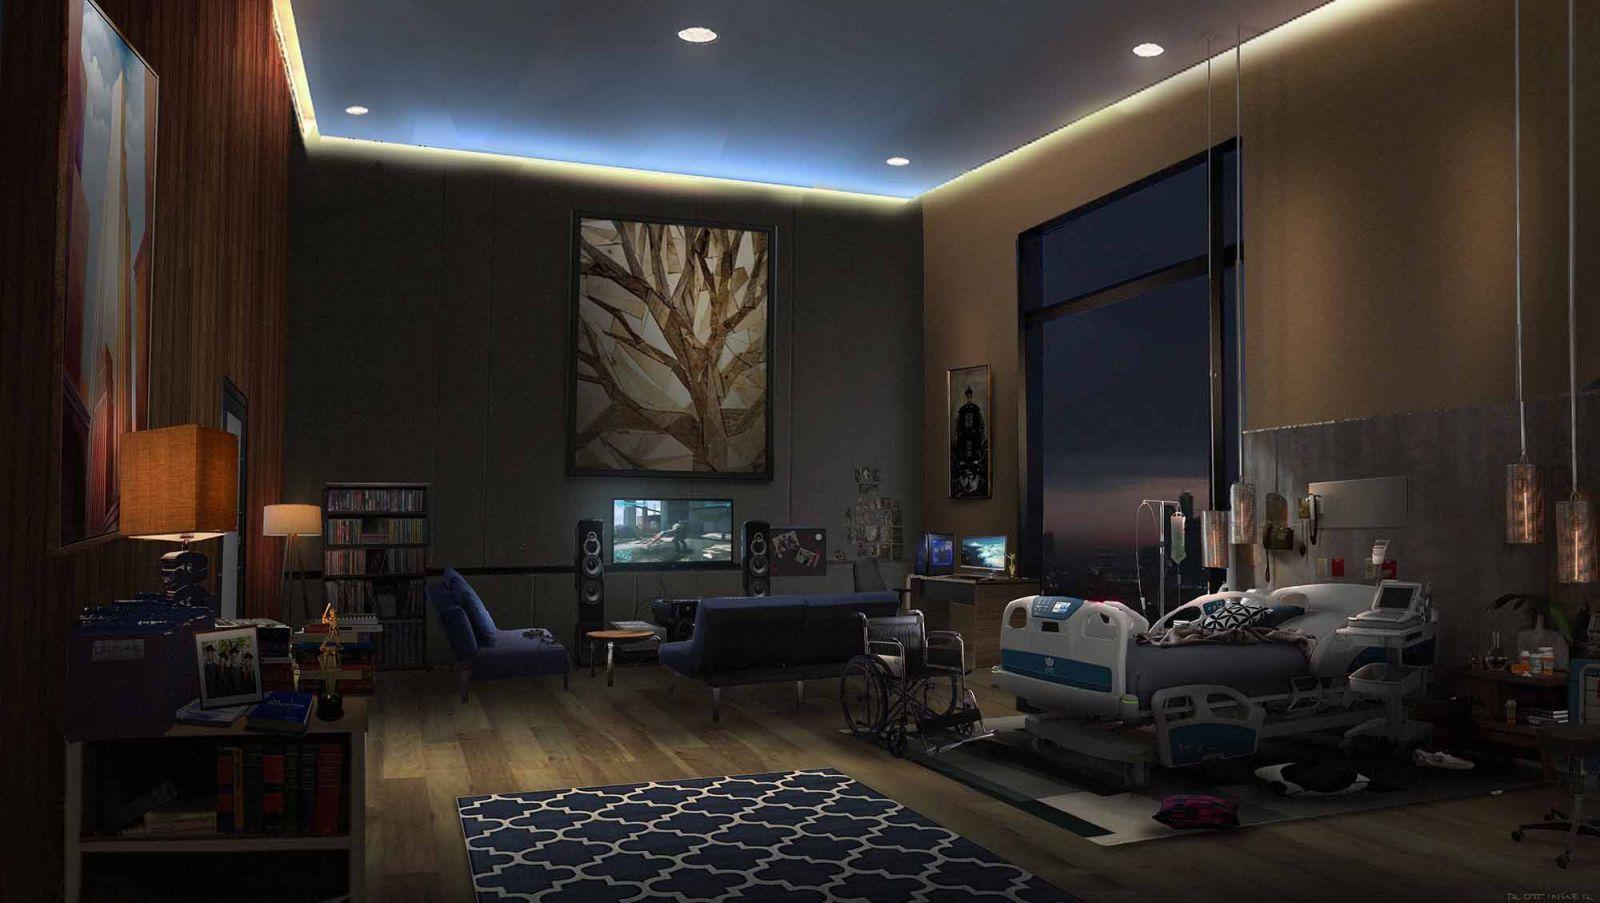 Việc chọn đúng đèn led giúp không gian thêm sang trọng hon